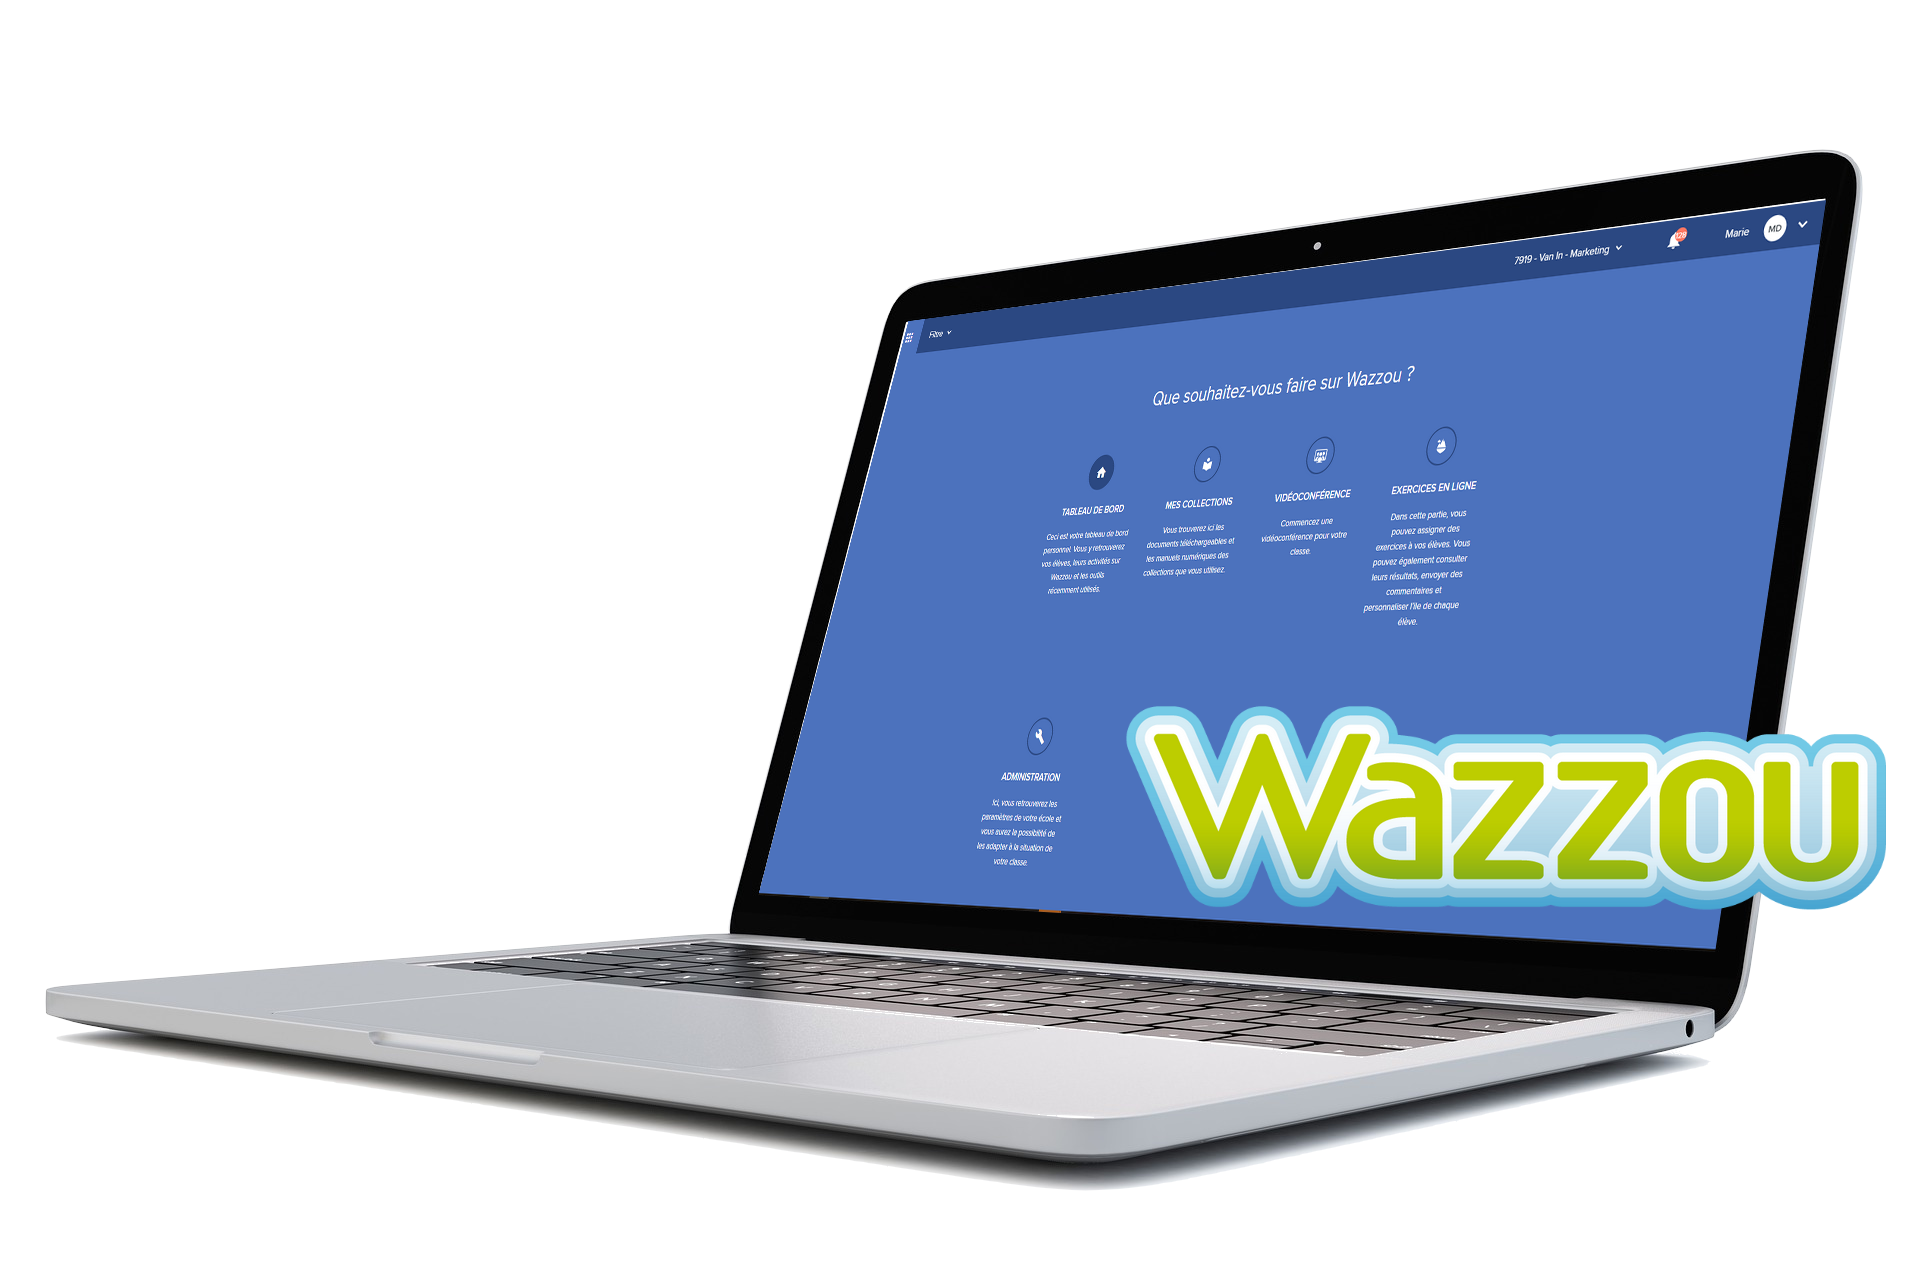 Plateforme Wazzou